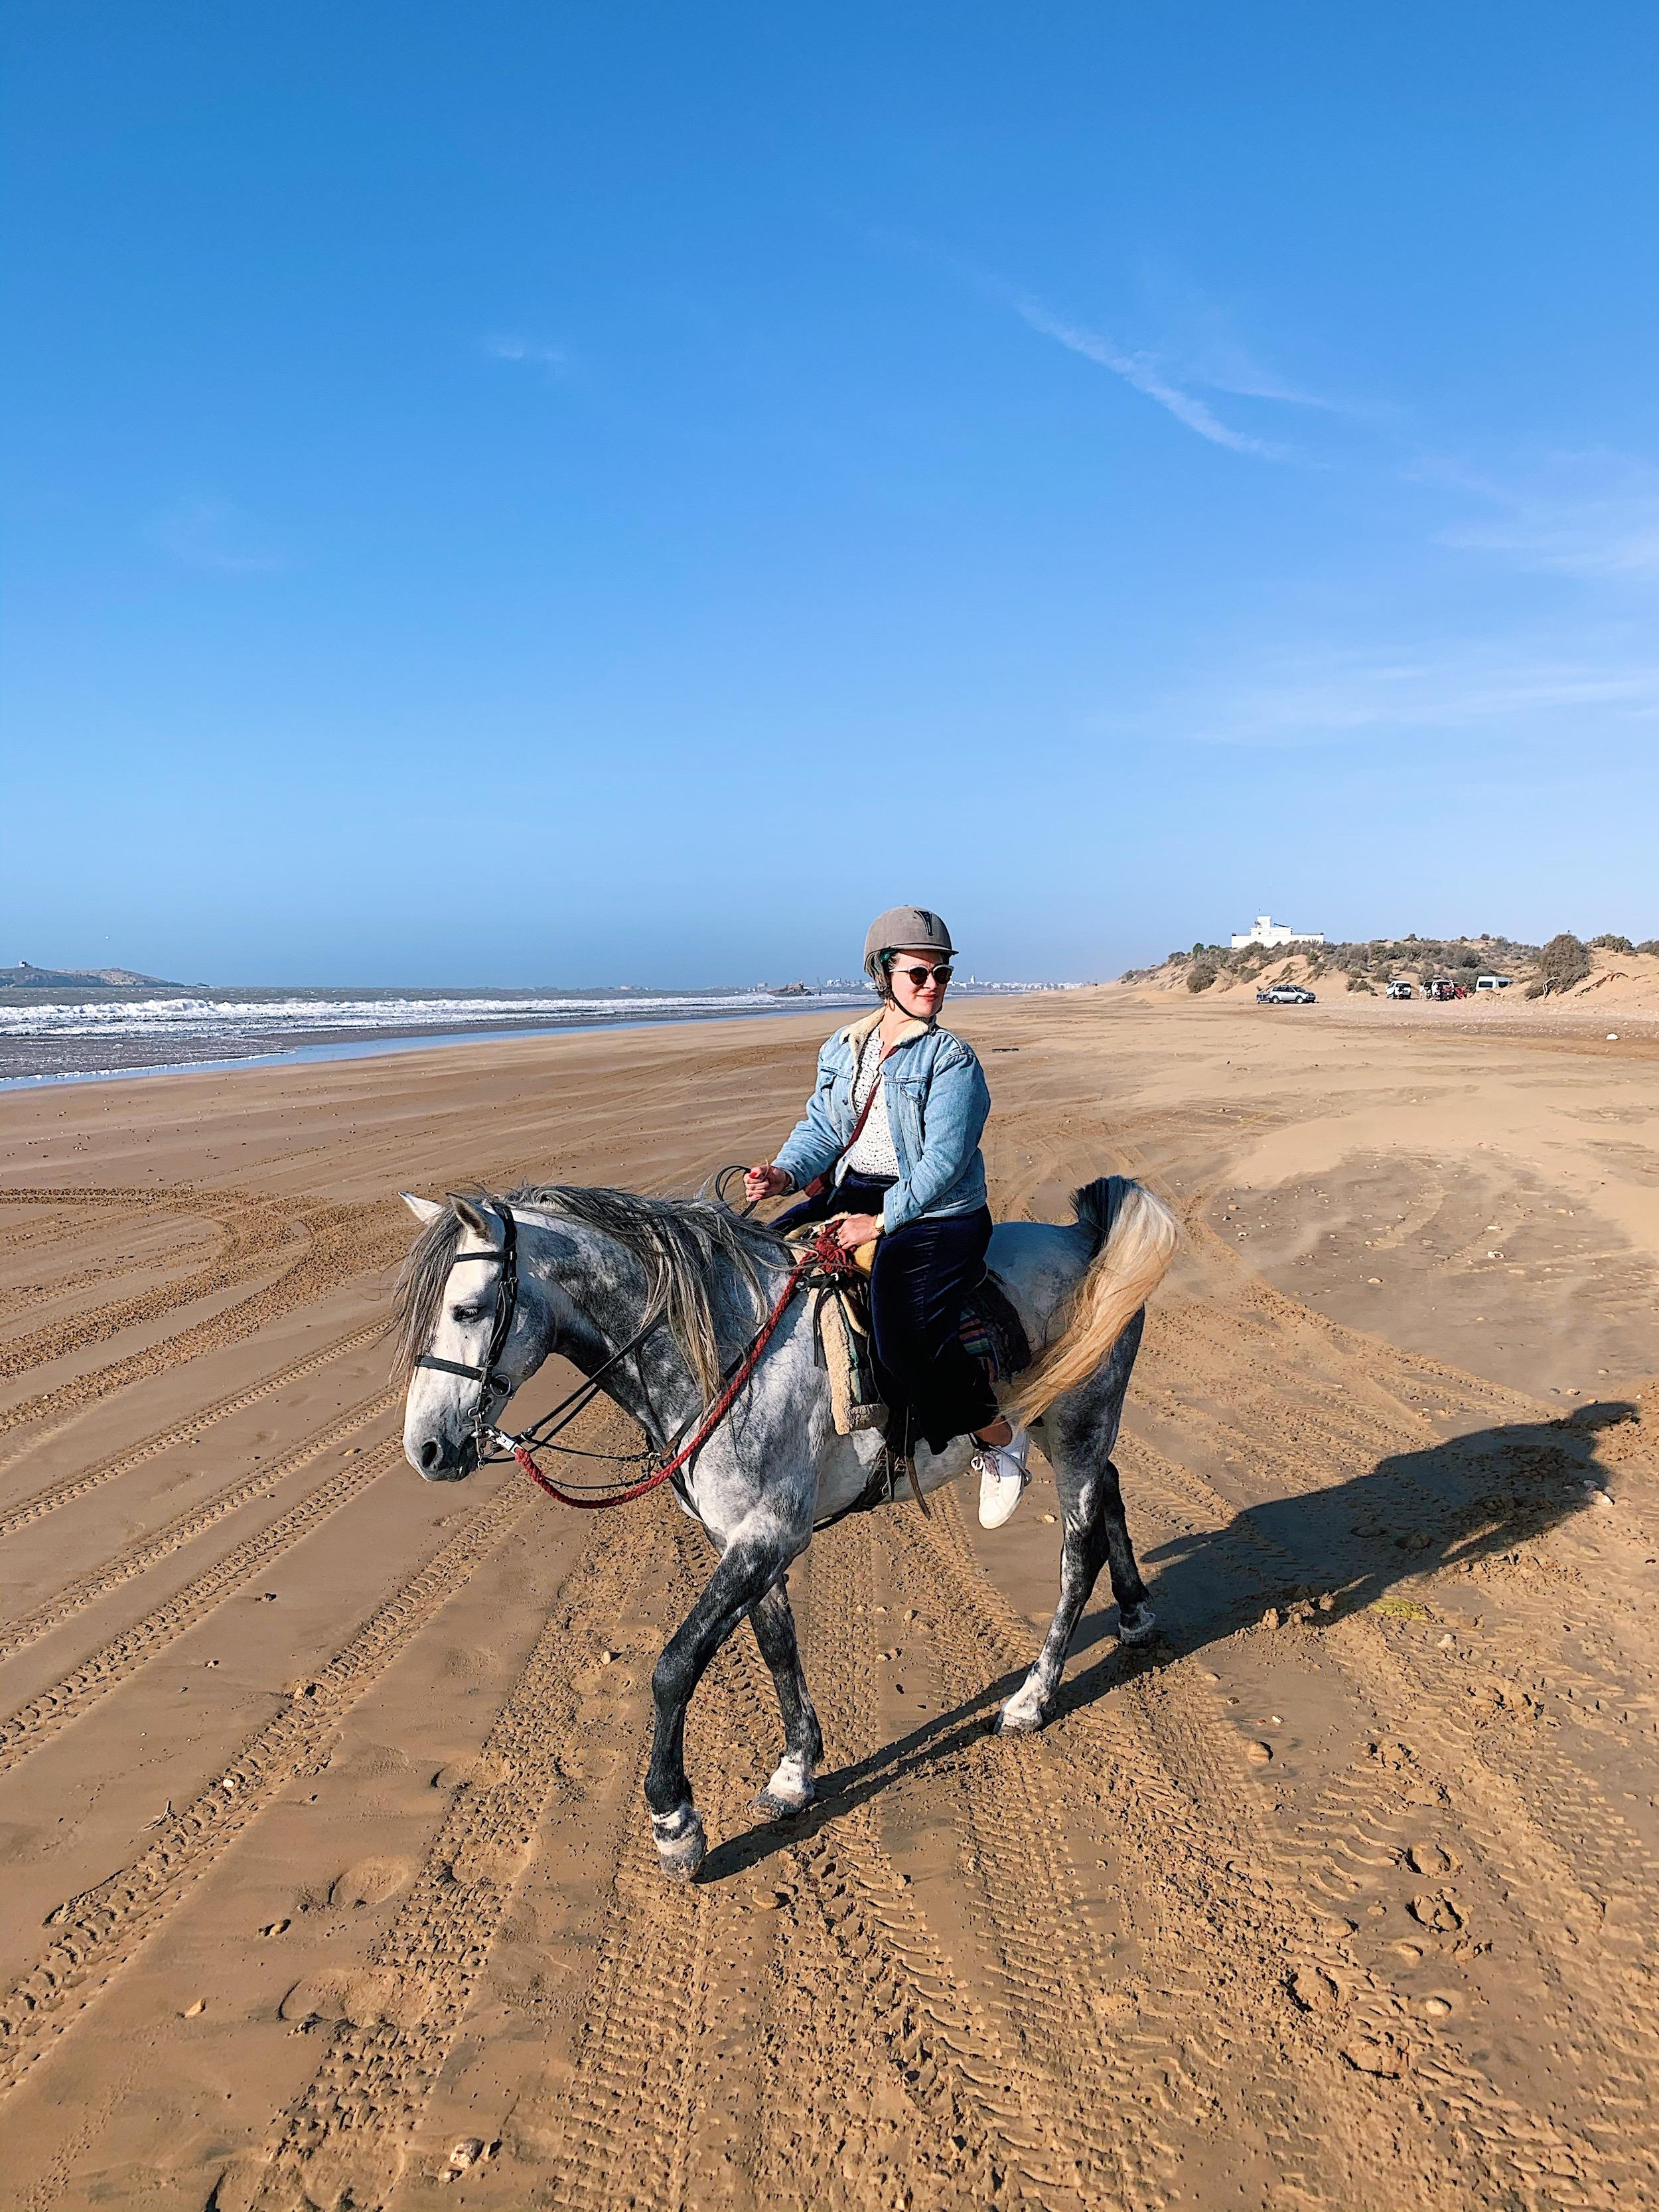 essaouira-plage-balade-à-cheval